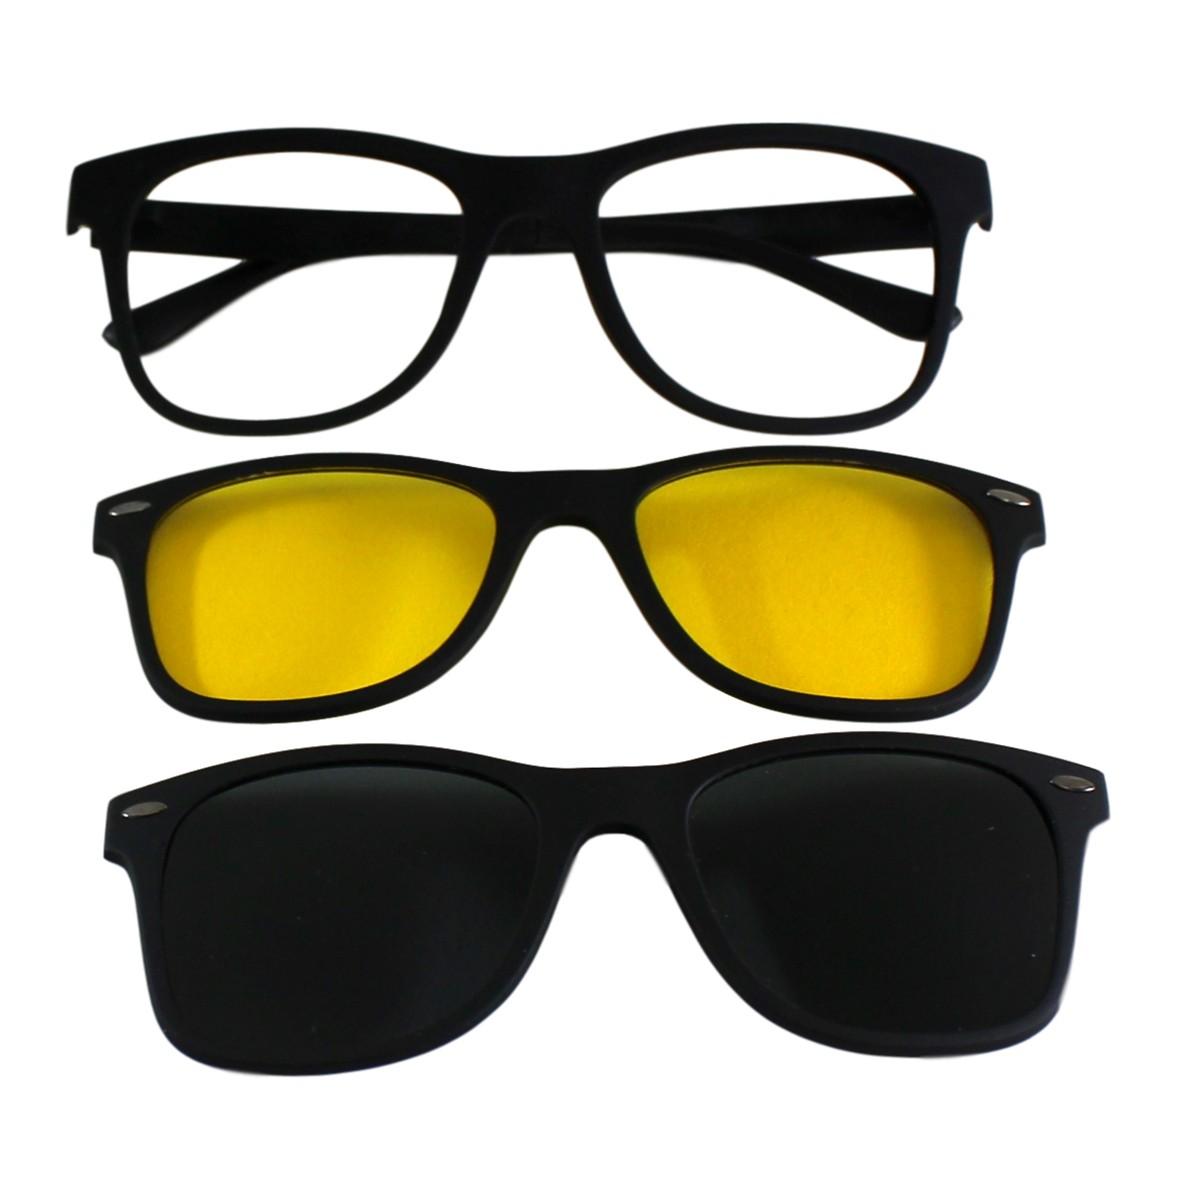 865566115 Marca DÍSPAR - Página 4 - Busca na Óculos de sol, adultos e infantis ...